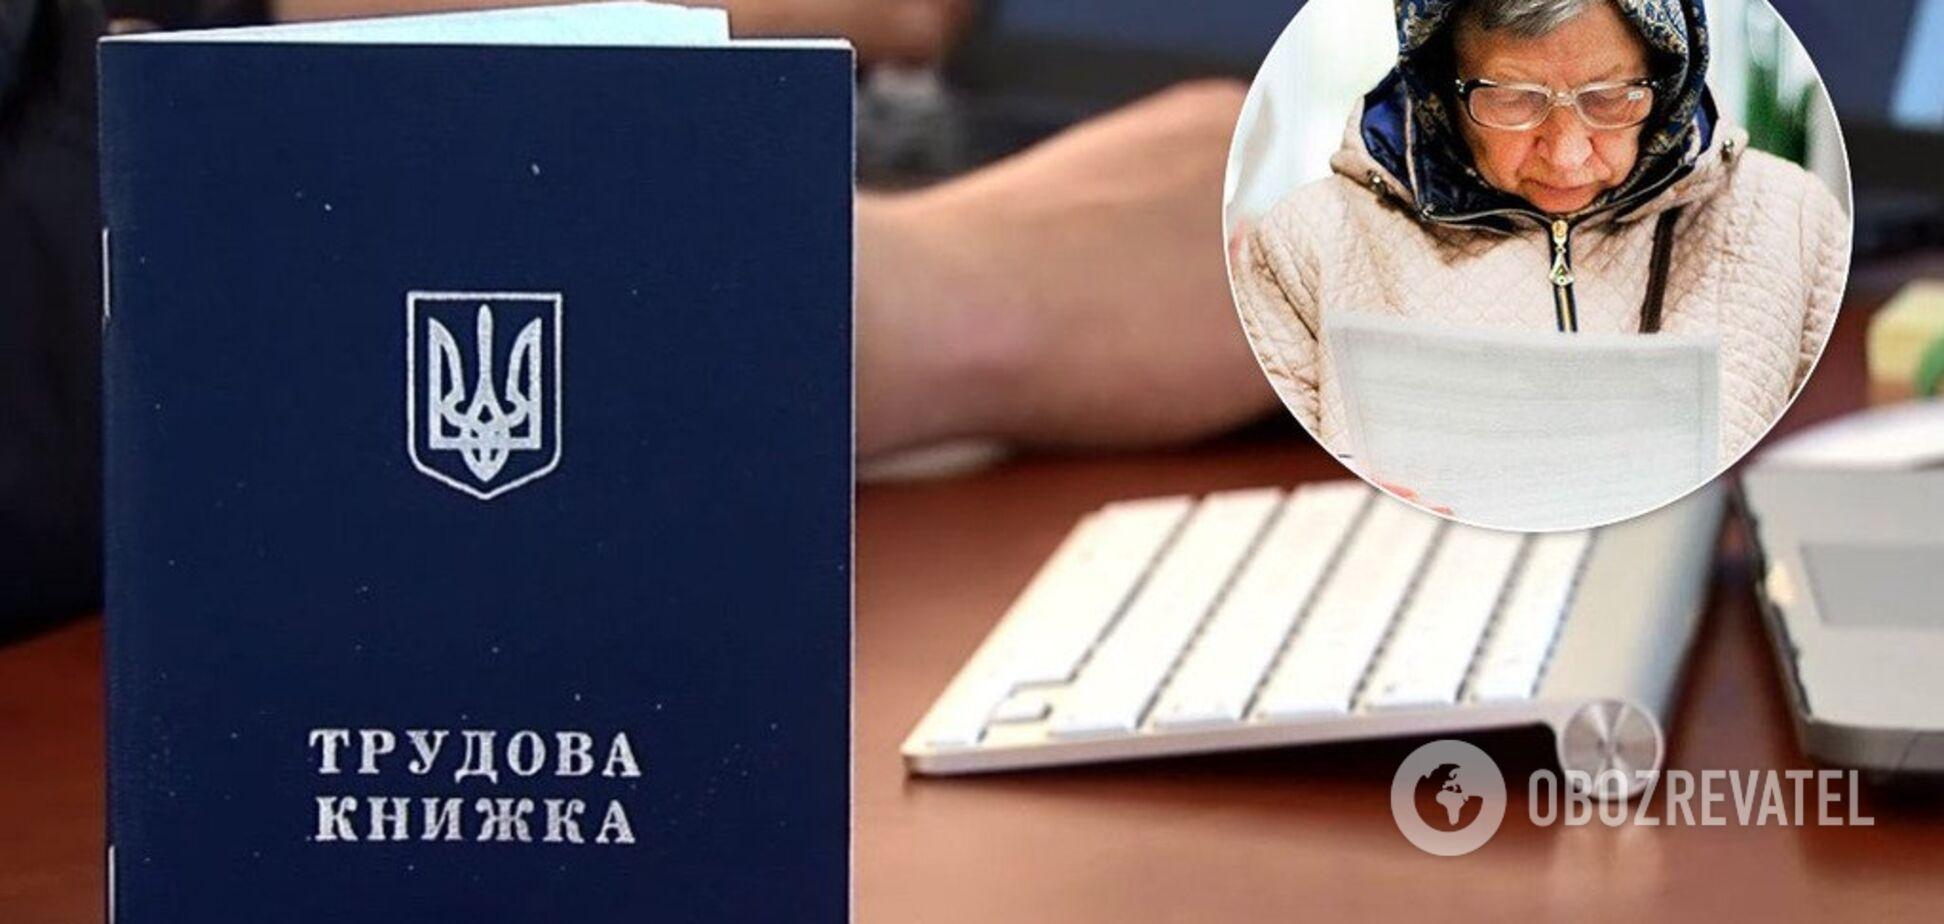 В Украине откажутся от трудовых книжек: эксперты объяснили, в чем риски